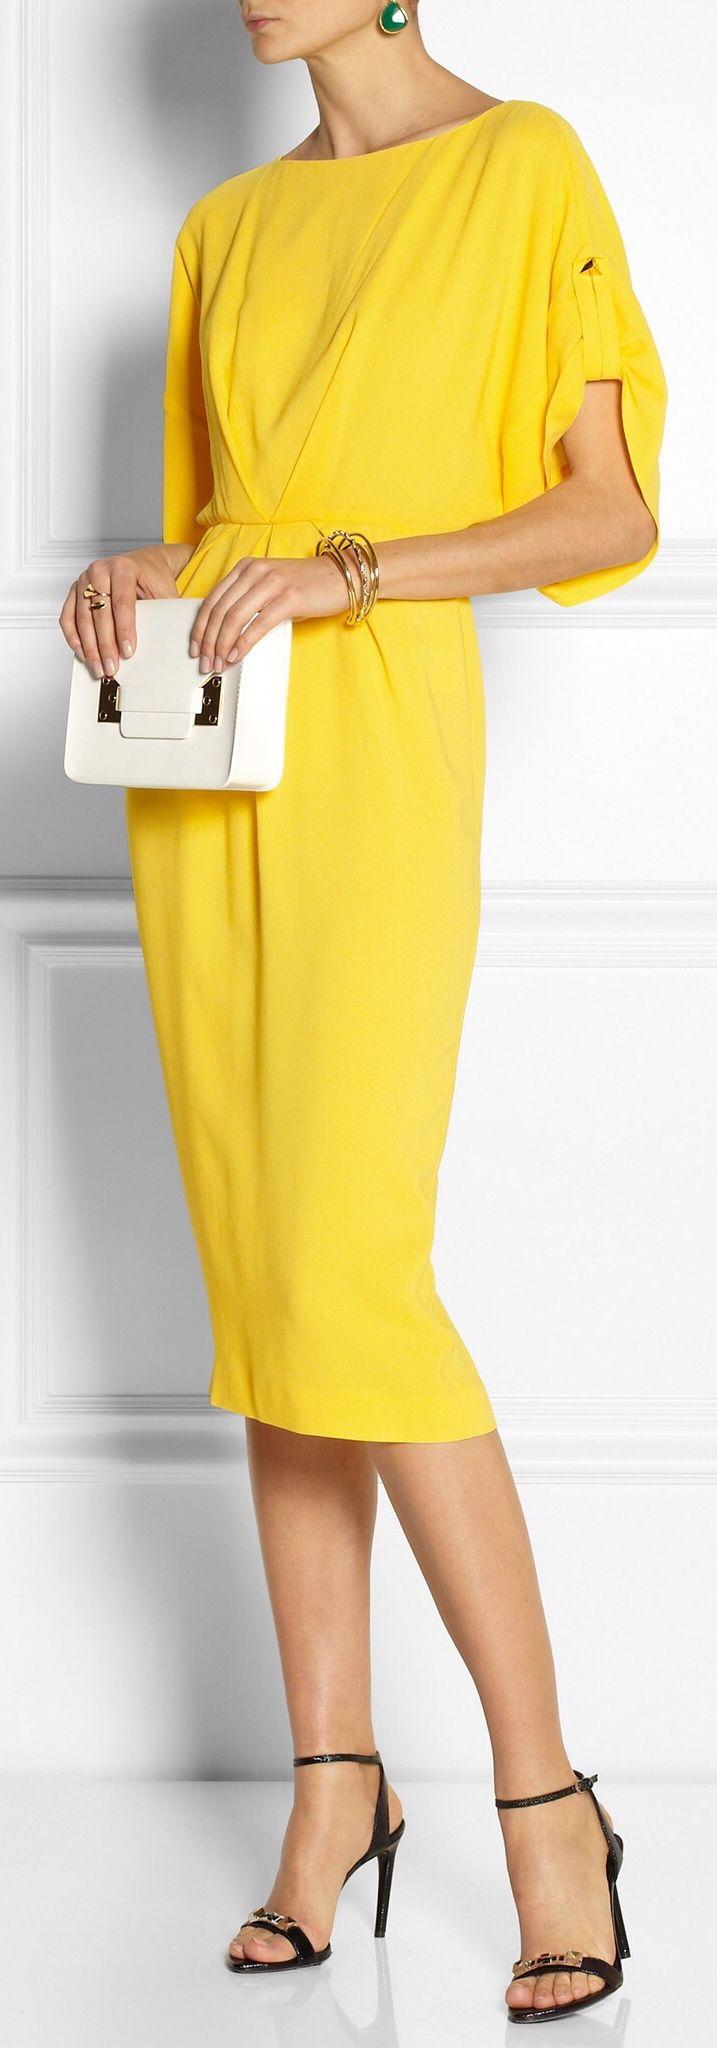 Un amarillo estiloso con unos tacones negros y in bolso blaco con evillas negras